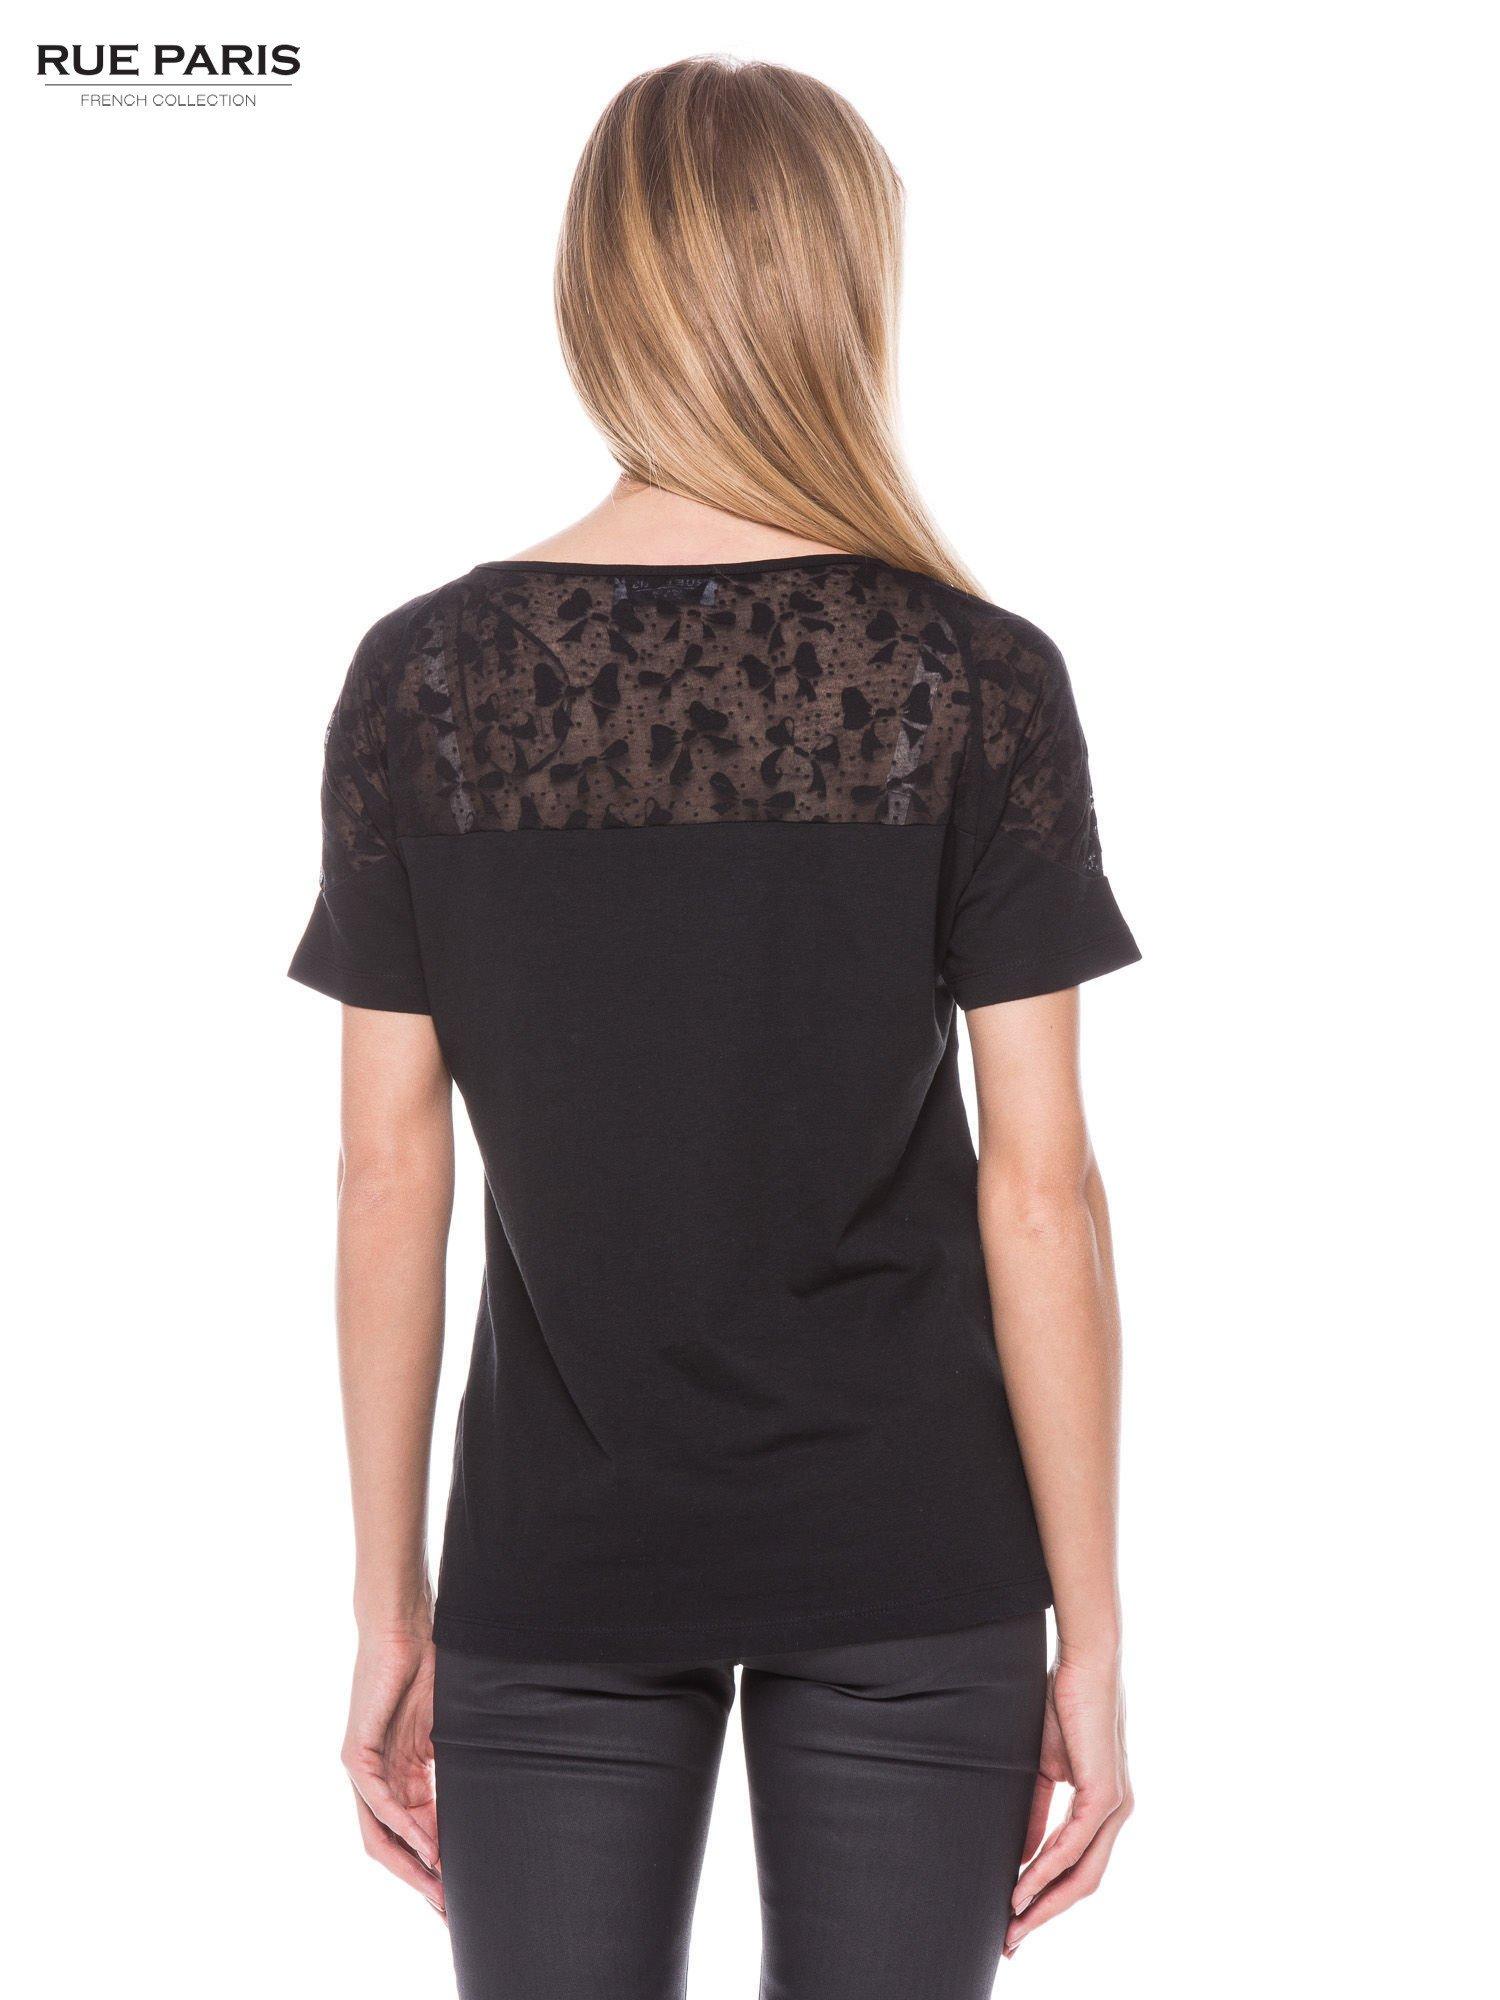 Czarny t-shirt z transparentną górą w kokardki                                  zdj.                                  3